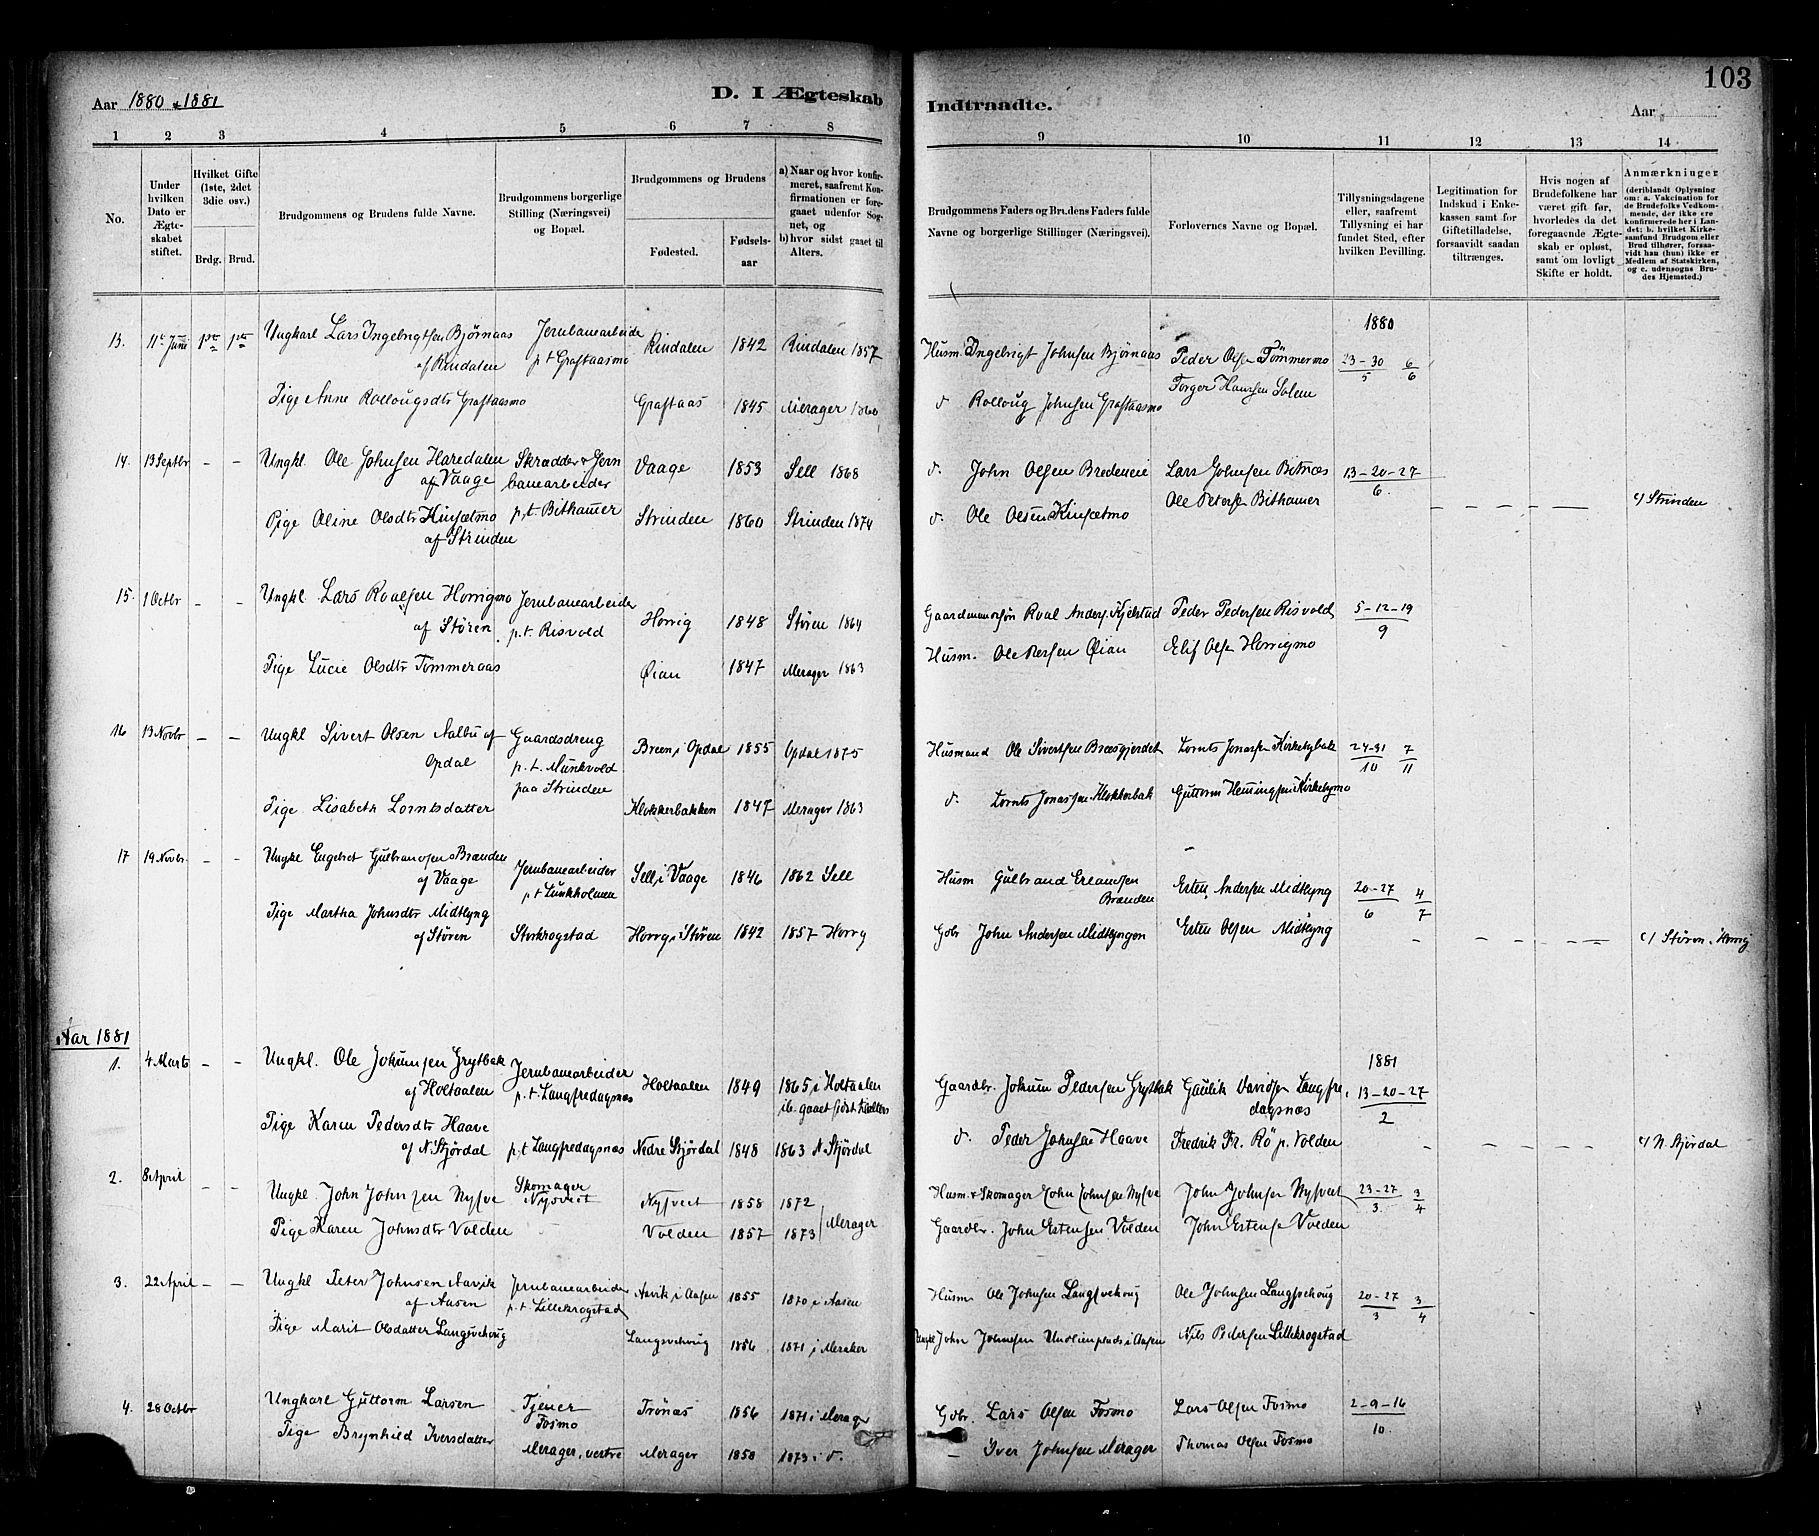 SAT, Ministerialprotokoller, klokkerbøker og fødselsregistre - Nord-Trøndelag, 706/L0047: Ministerialbok nr. 706A03, 1878-1892, s. 103